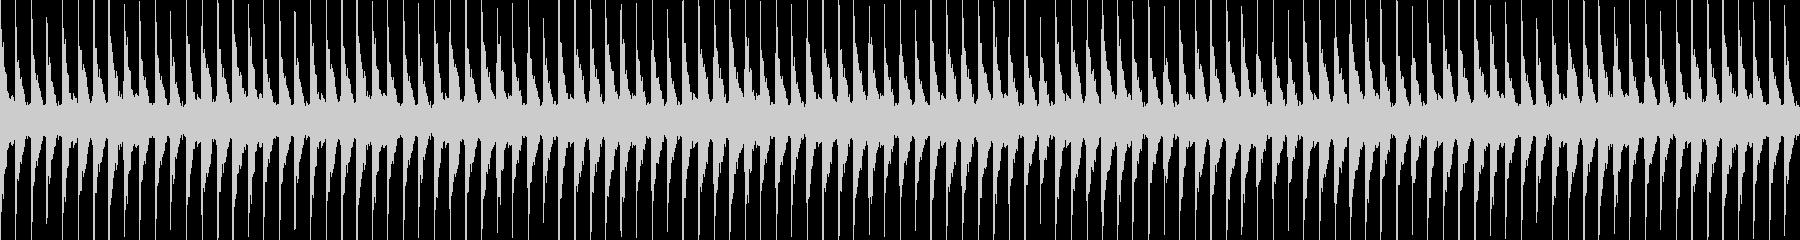 踏切 警告音 電車 レトロ 田舎 田園の未再生の波形